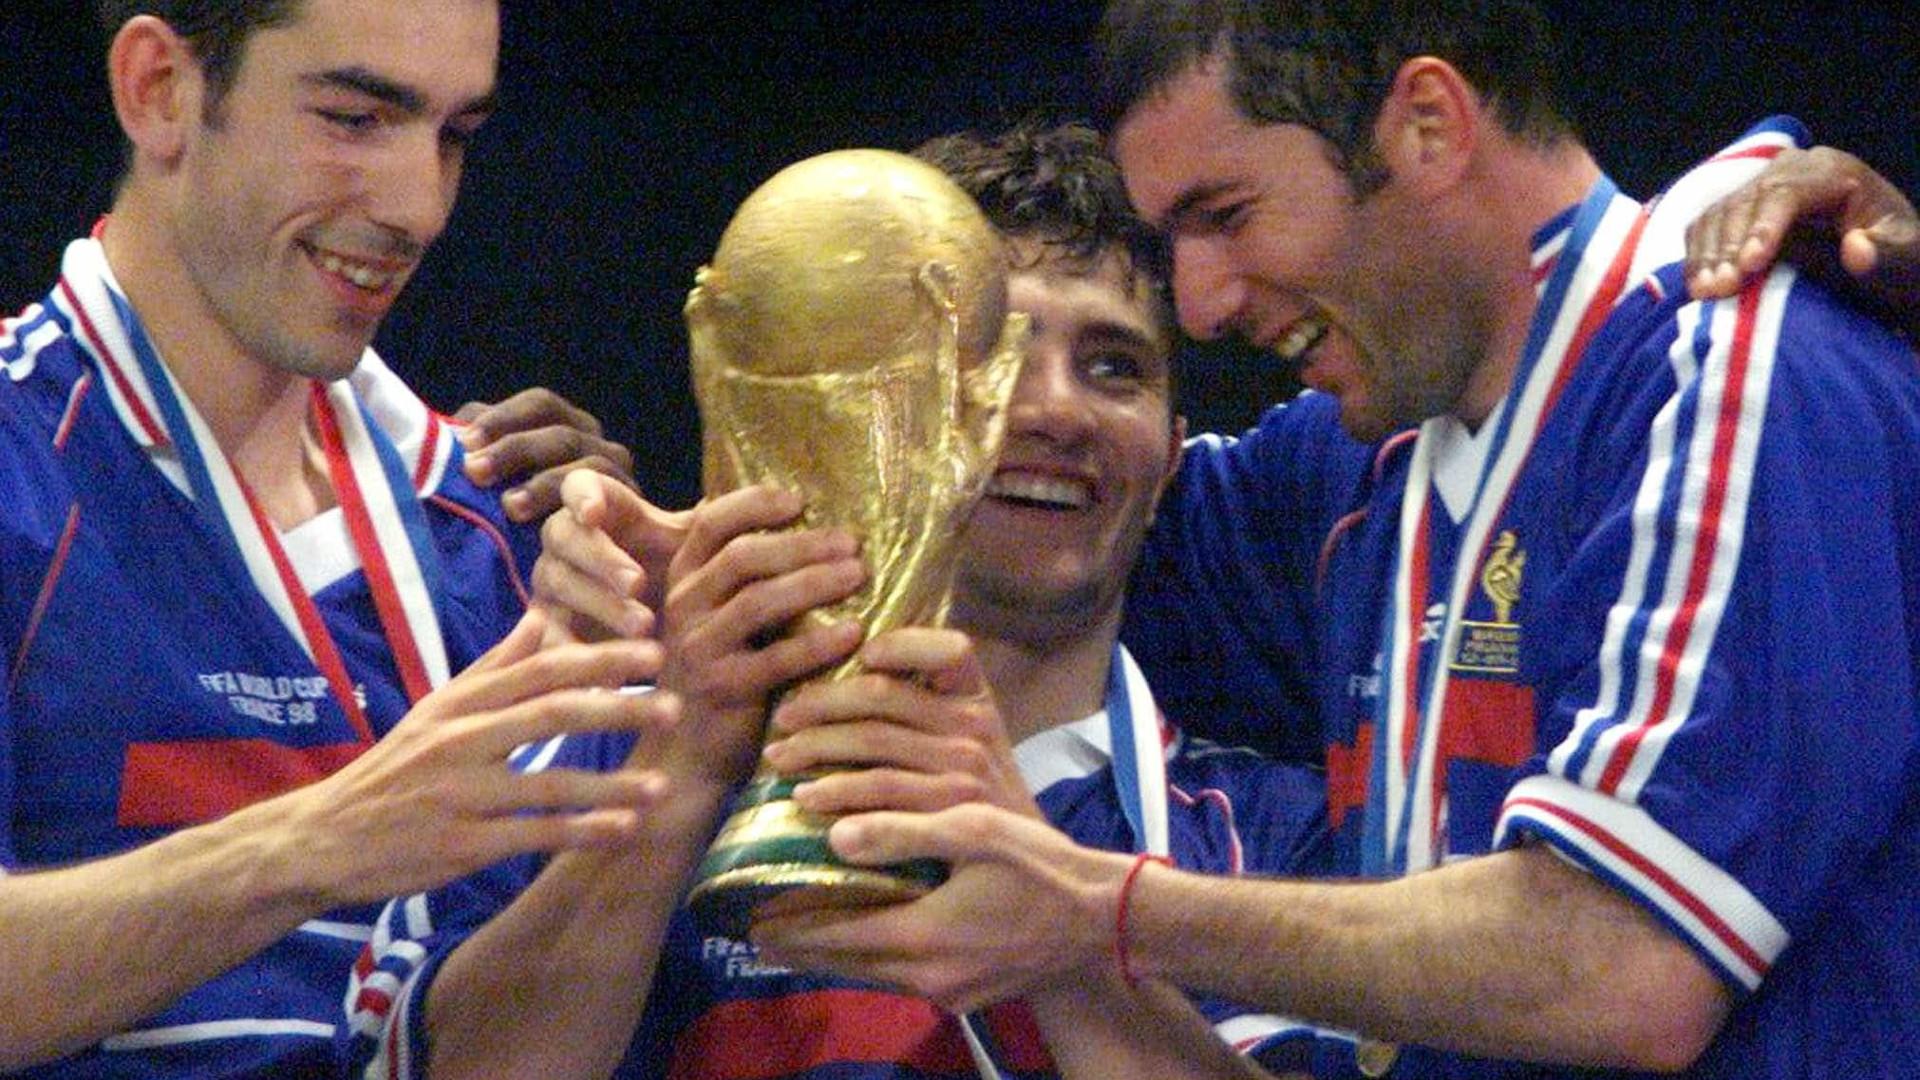 Suspeita de fraude adia leilão de camisa usada por Zidane na Copa de 98